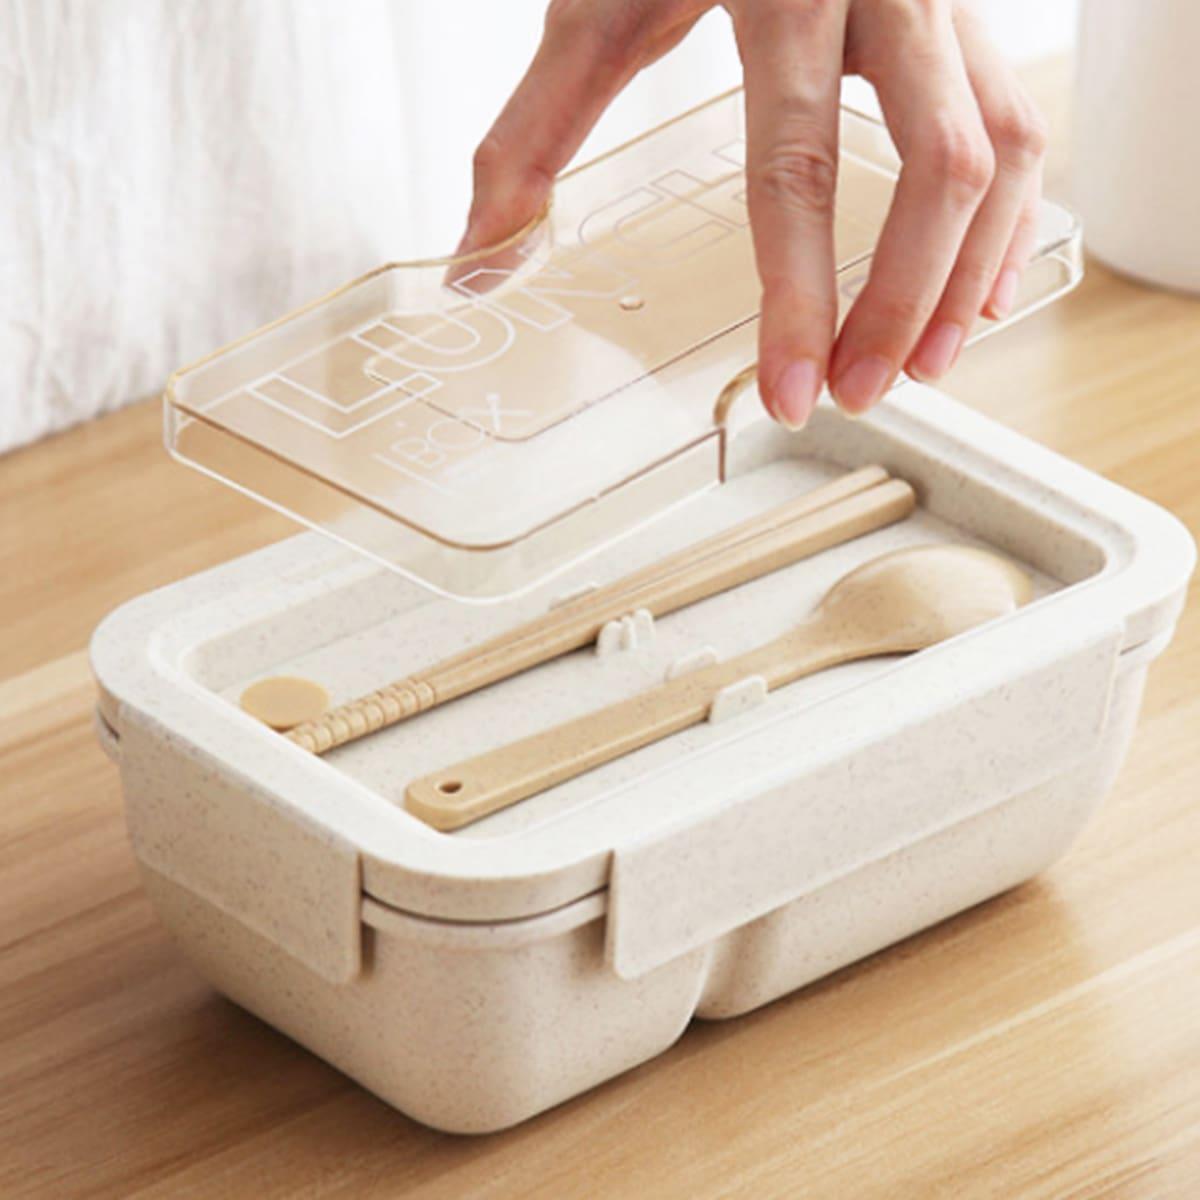 1 Stück tragbare Essenbox mit Besteck